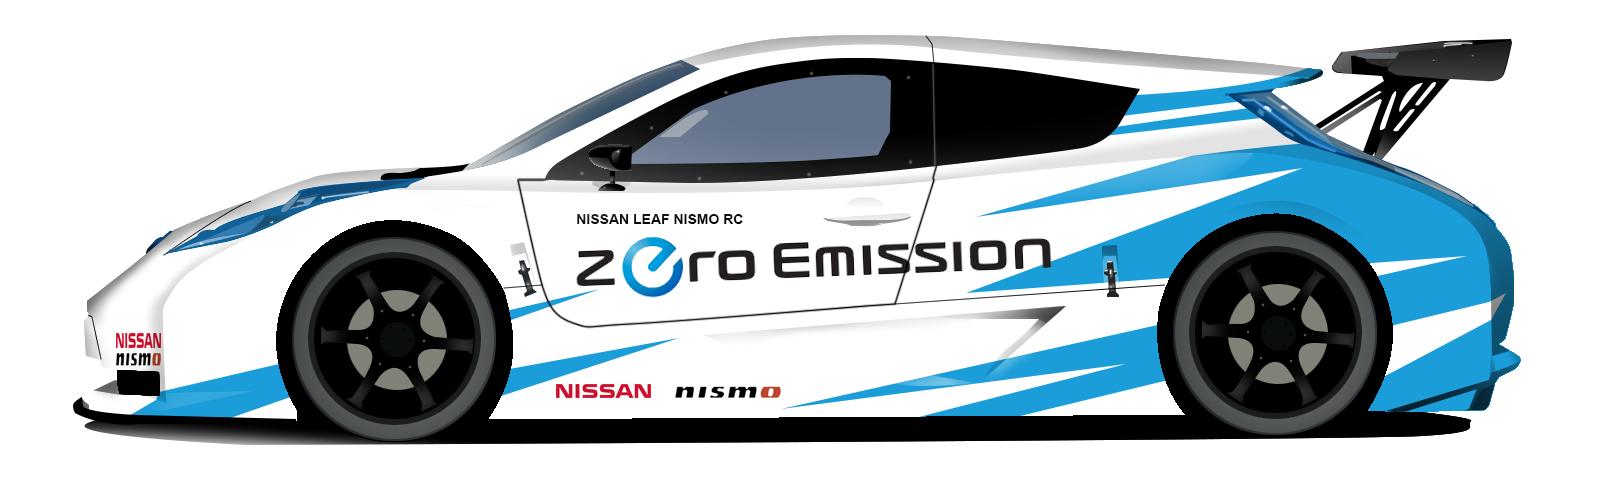 nissan leaf nismo rc zero emission by krejzifrik on deviantart. Black Bedroom Furniture Sets. Home Design Ideas